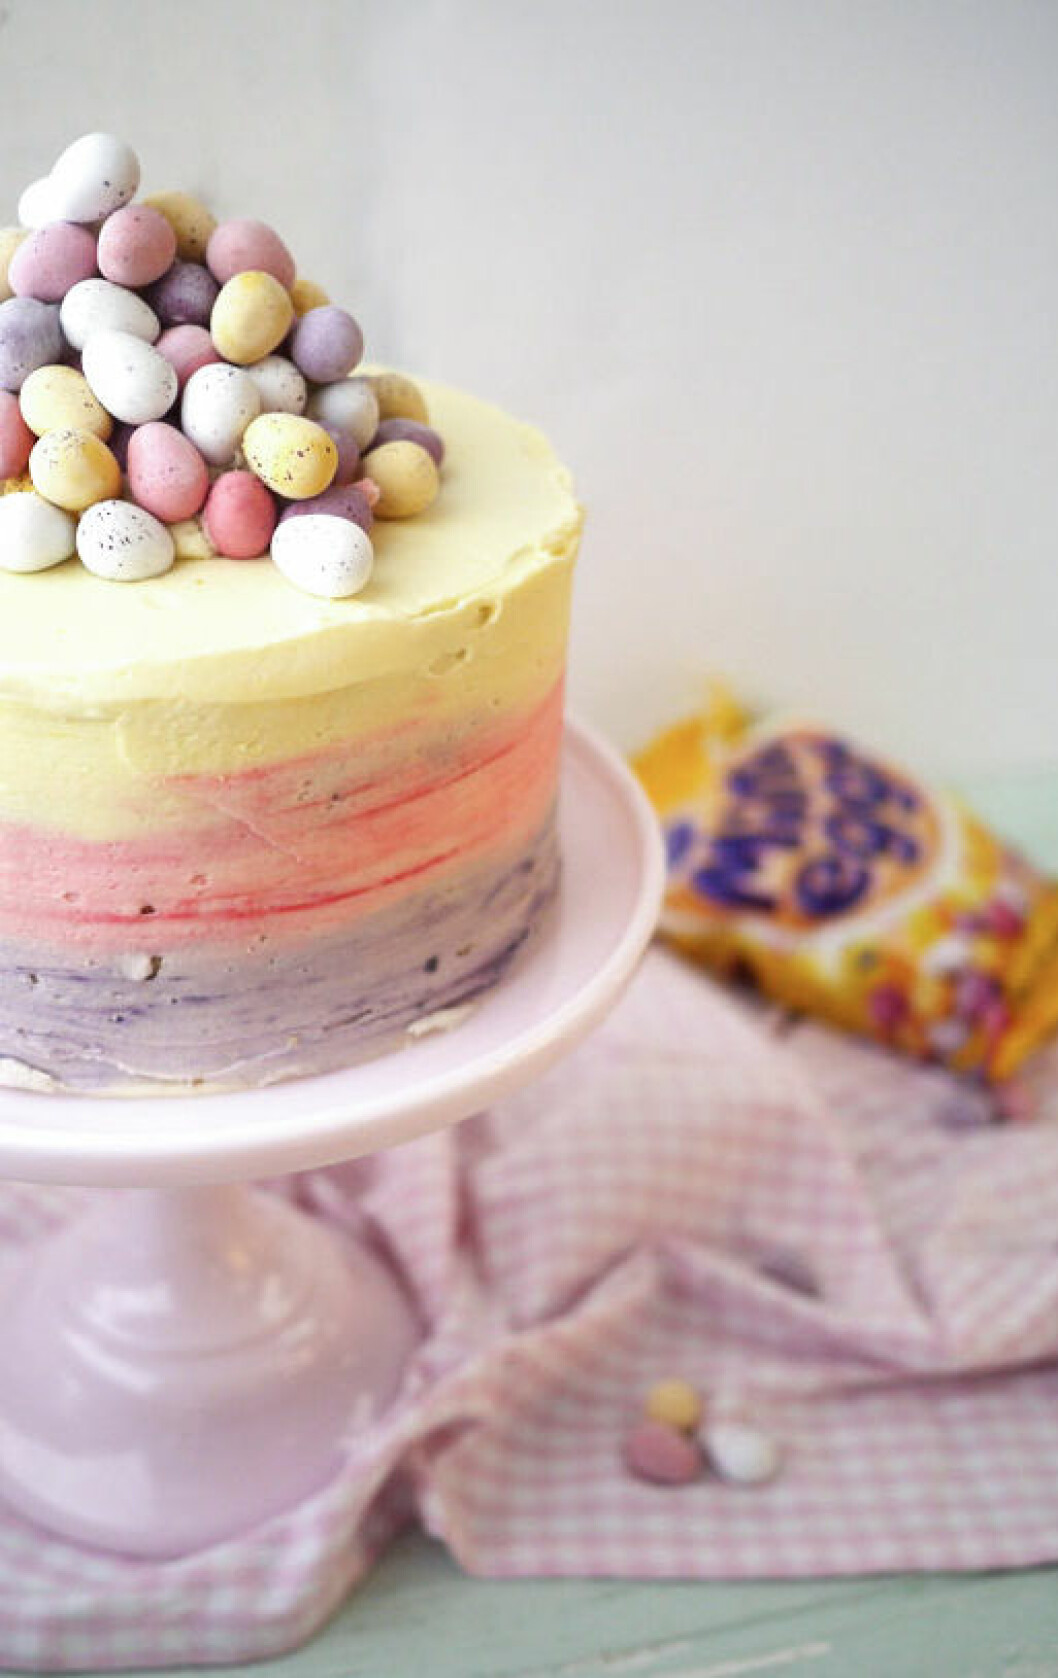 Tårta med färgskiftningar.